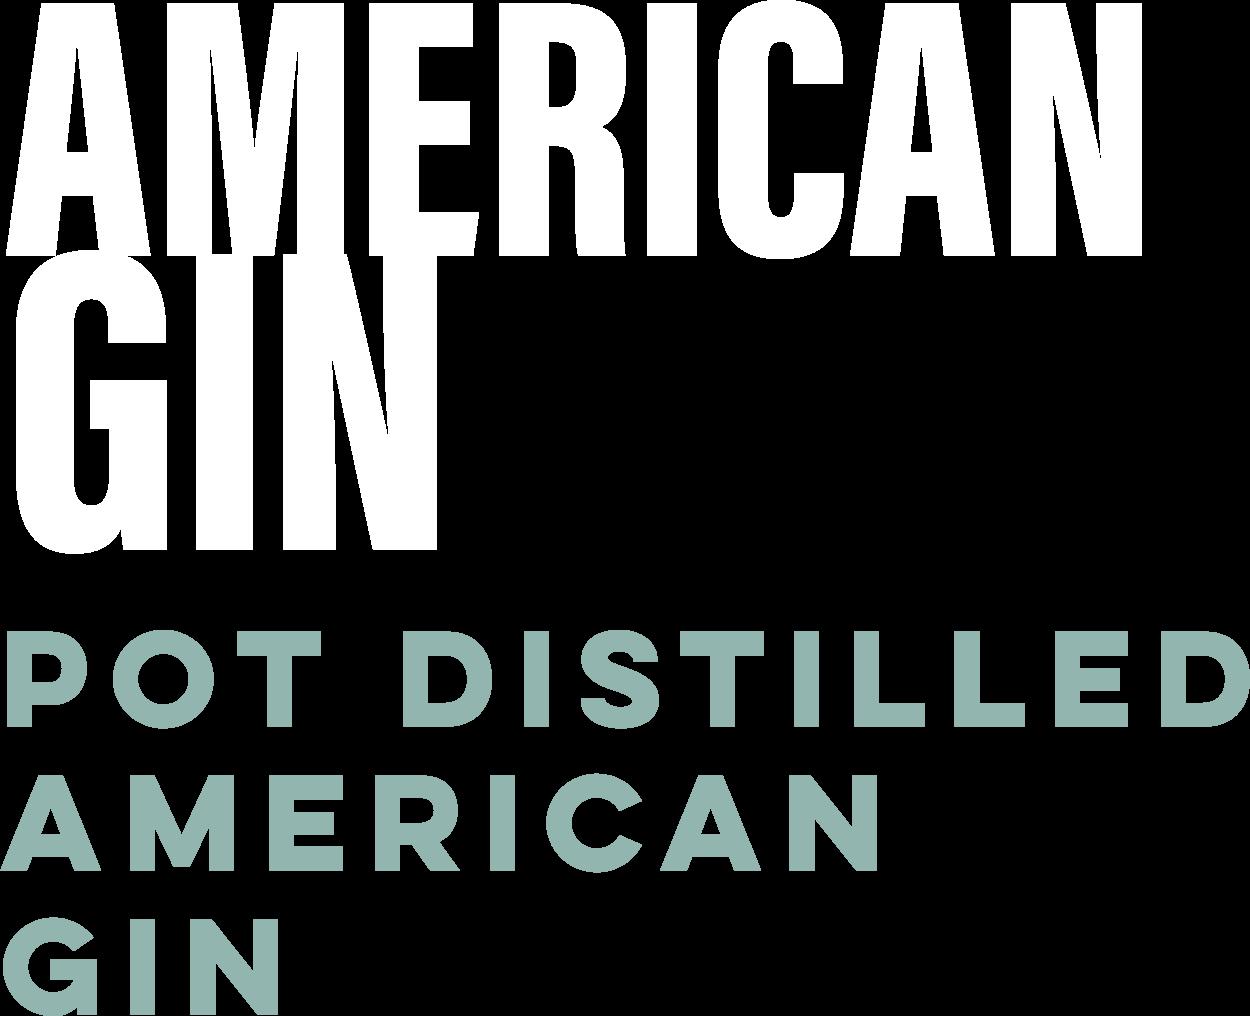 american-gin